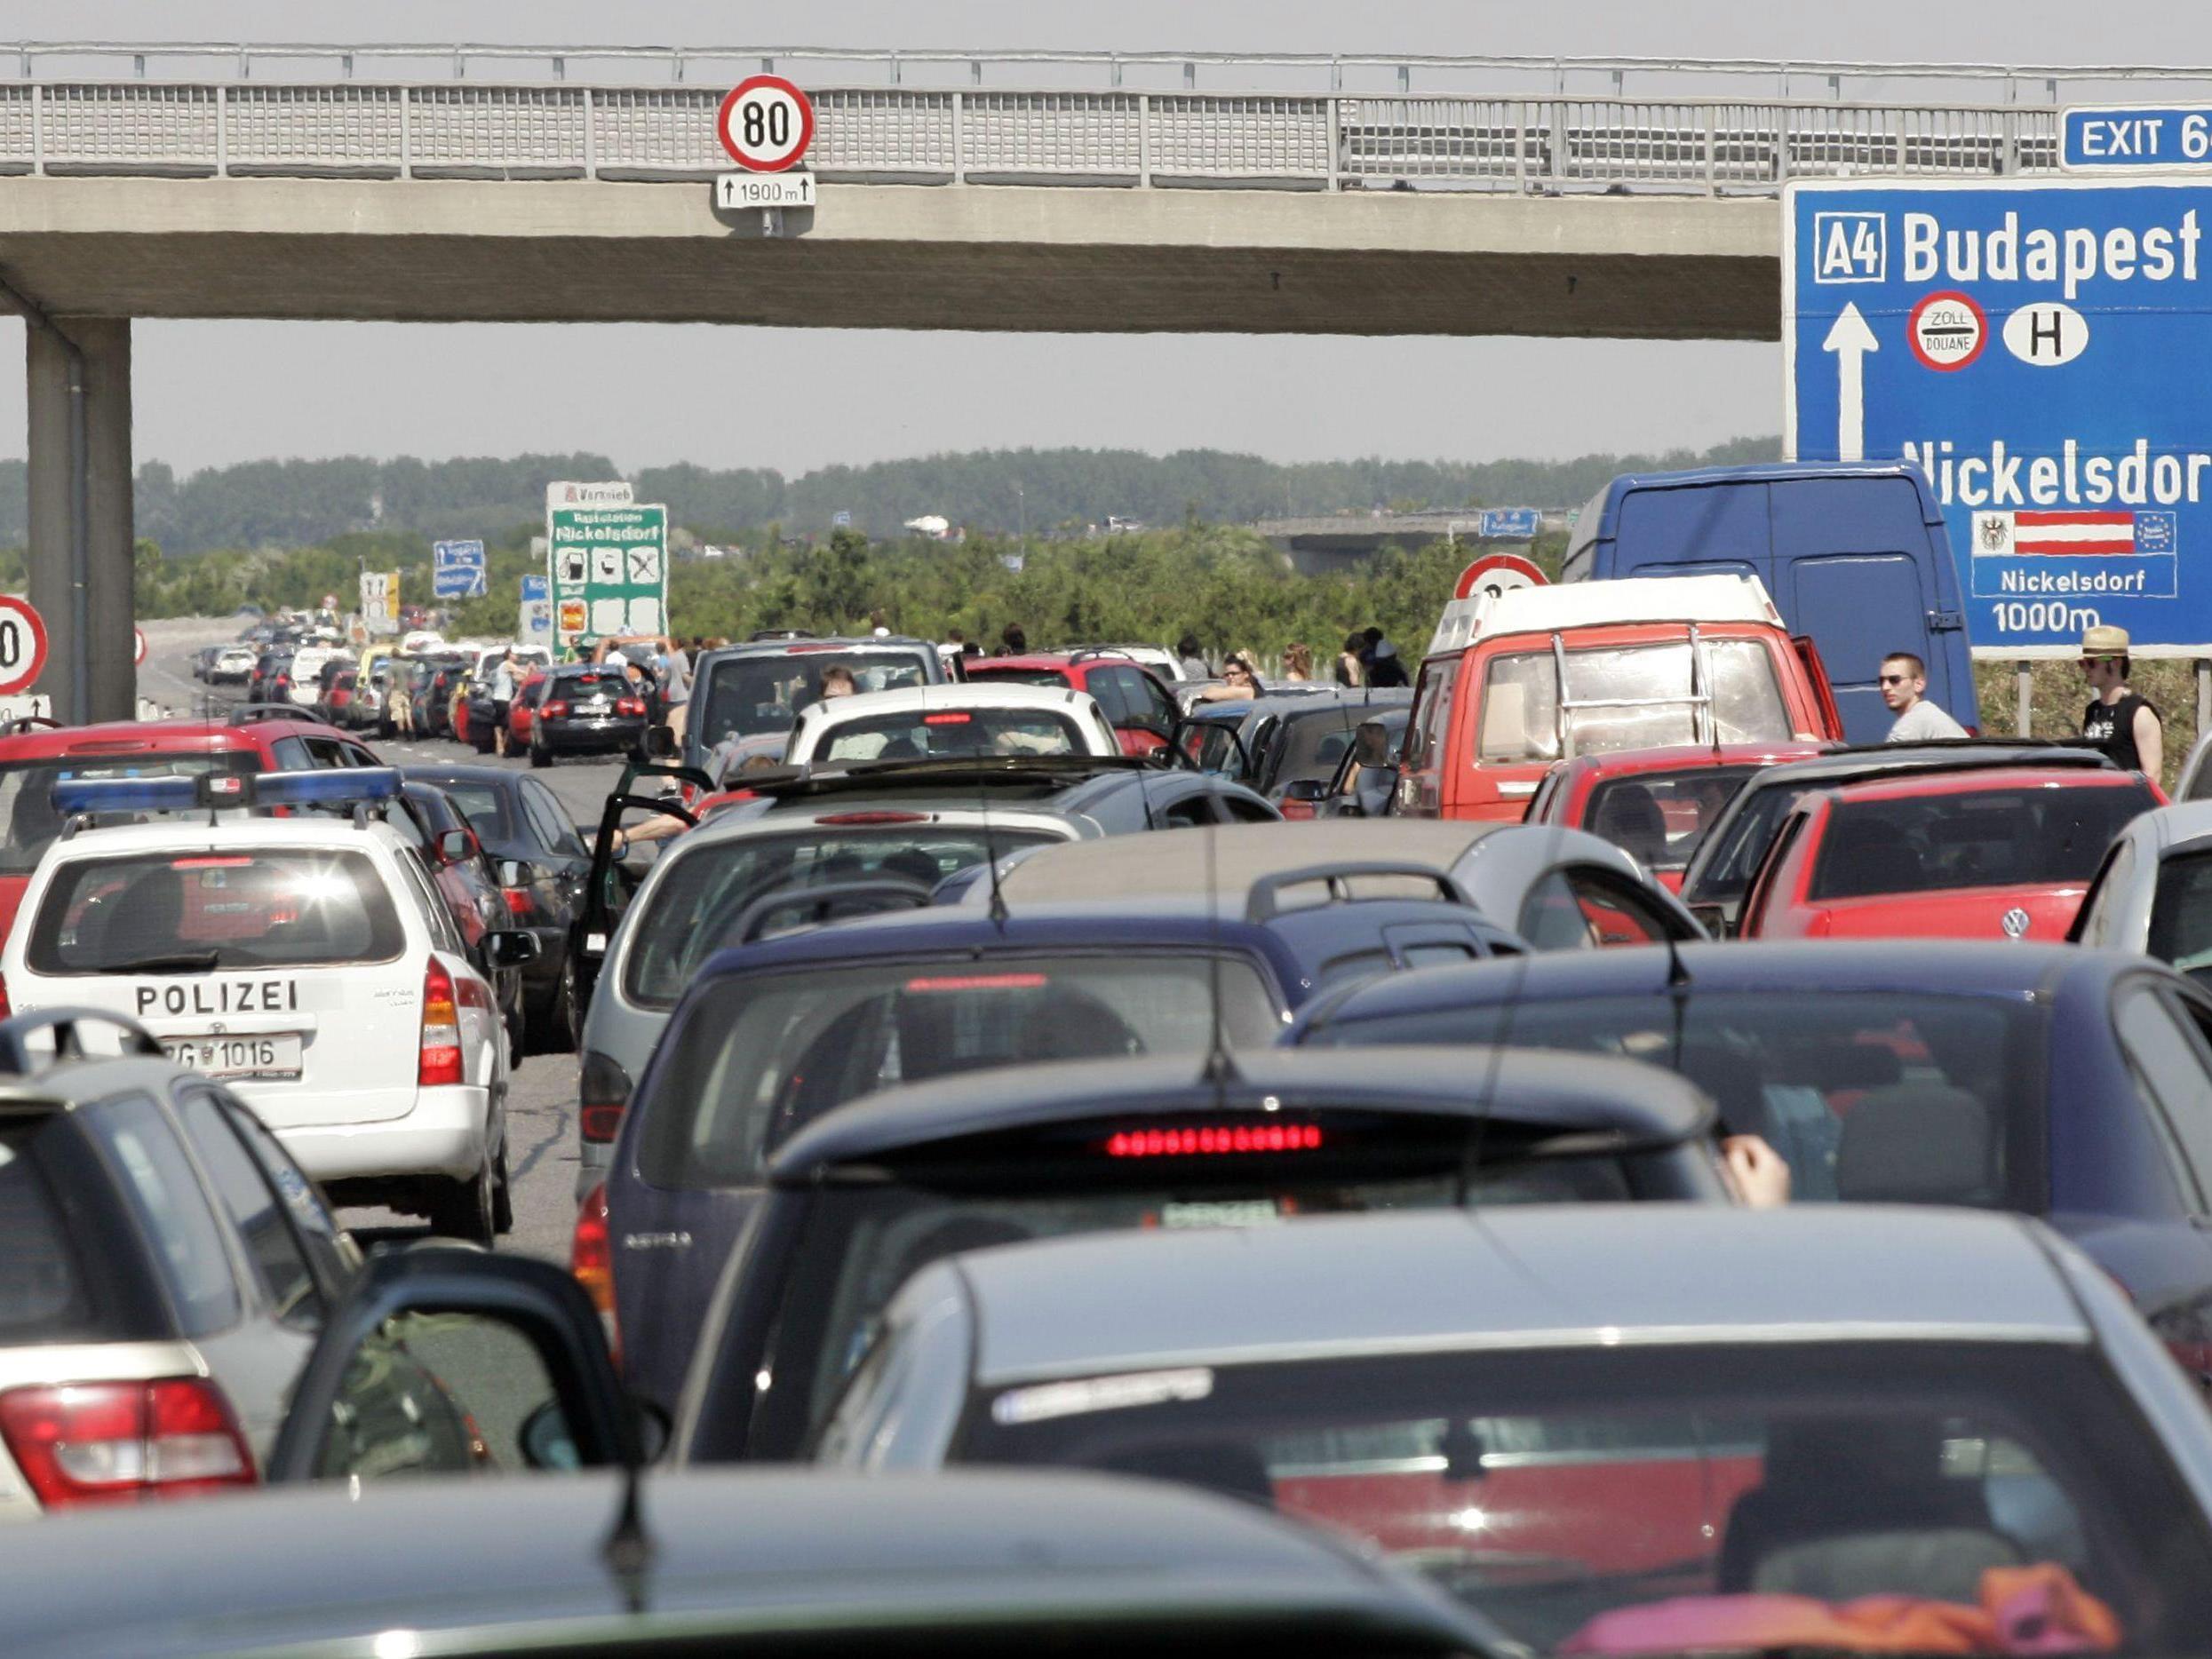 Stau und starker Verkehr vor dem verlängerten Wochenende.